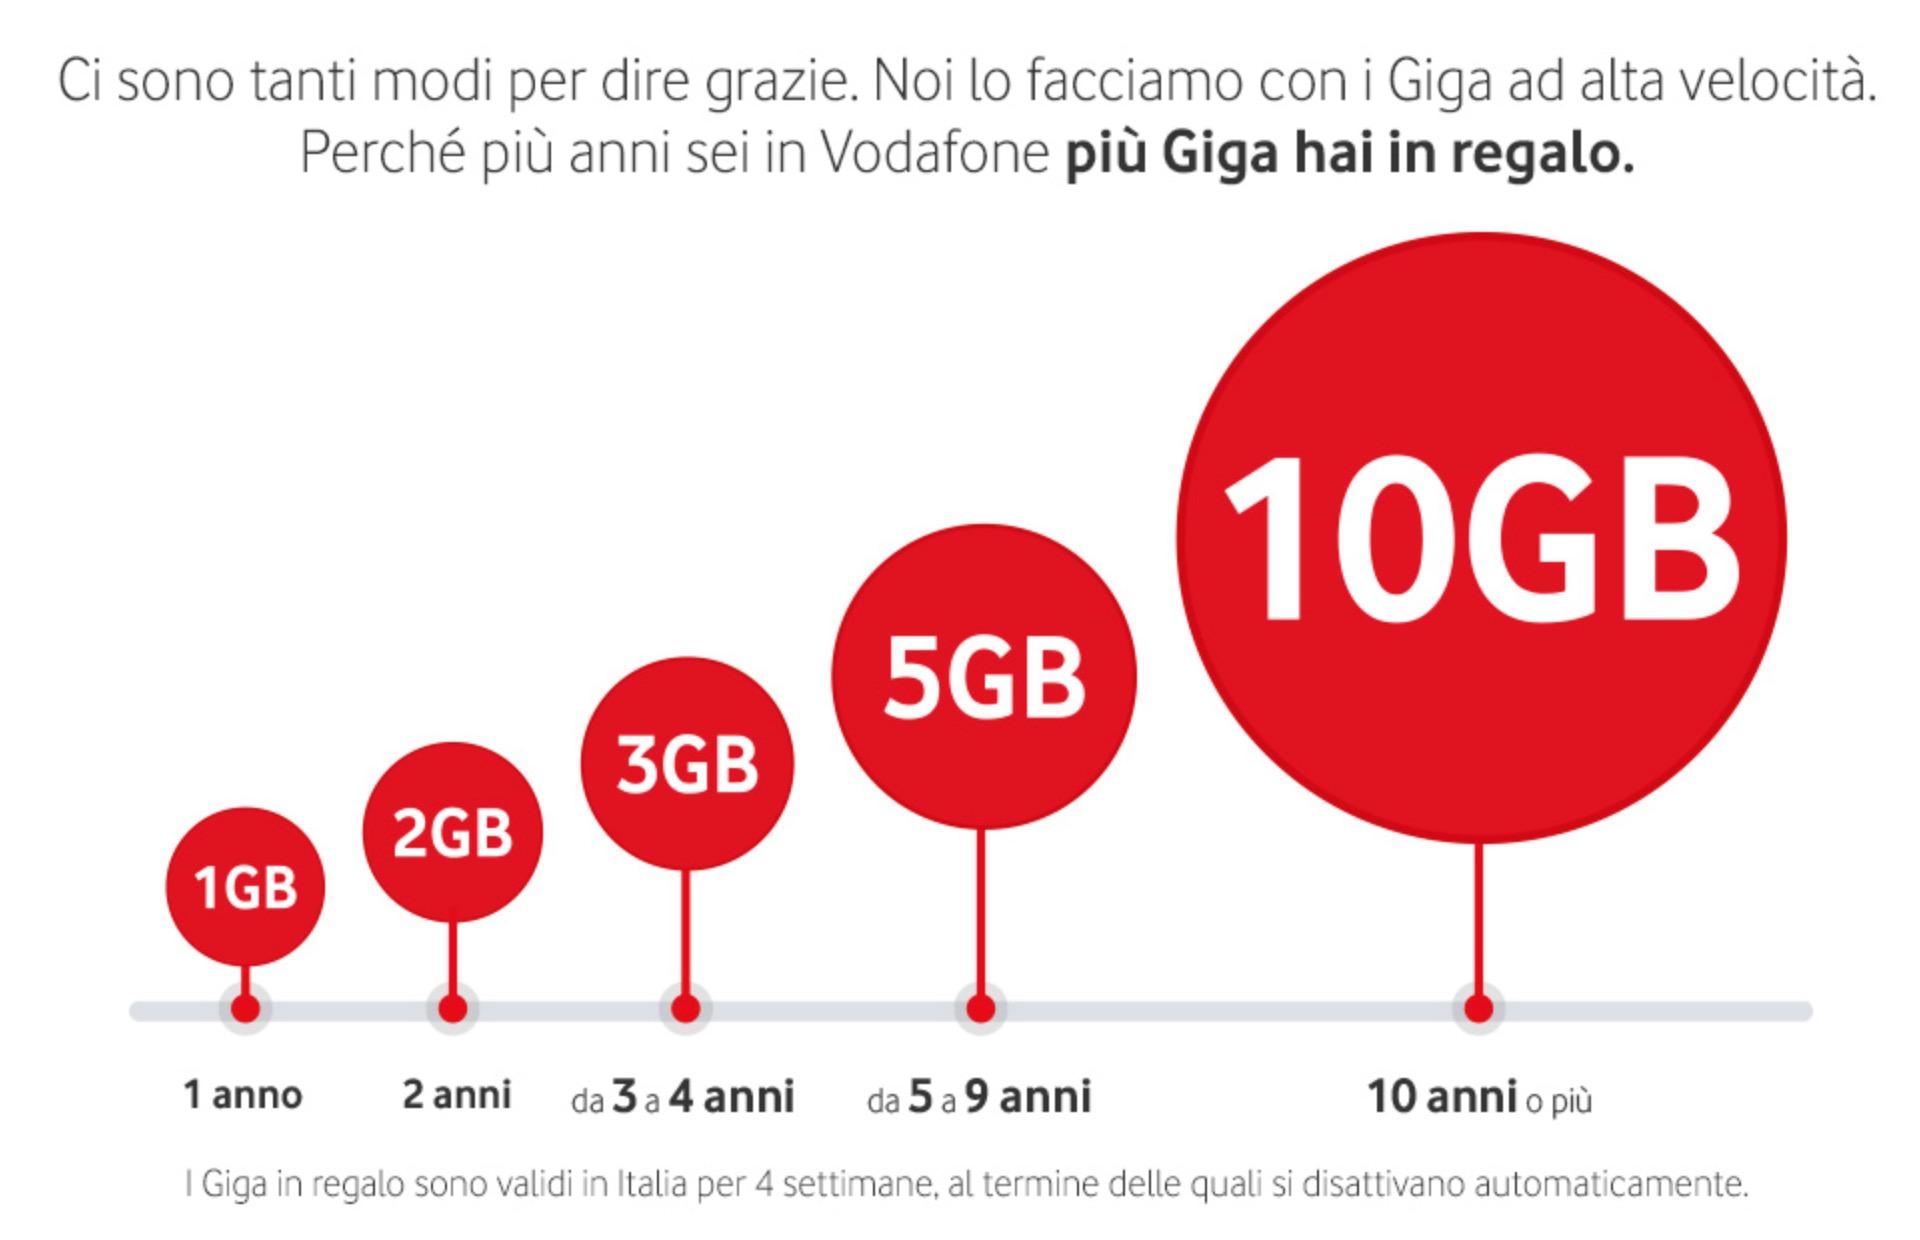 Vodafone più giga in regalo ai clienti